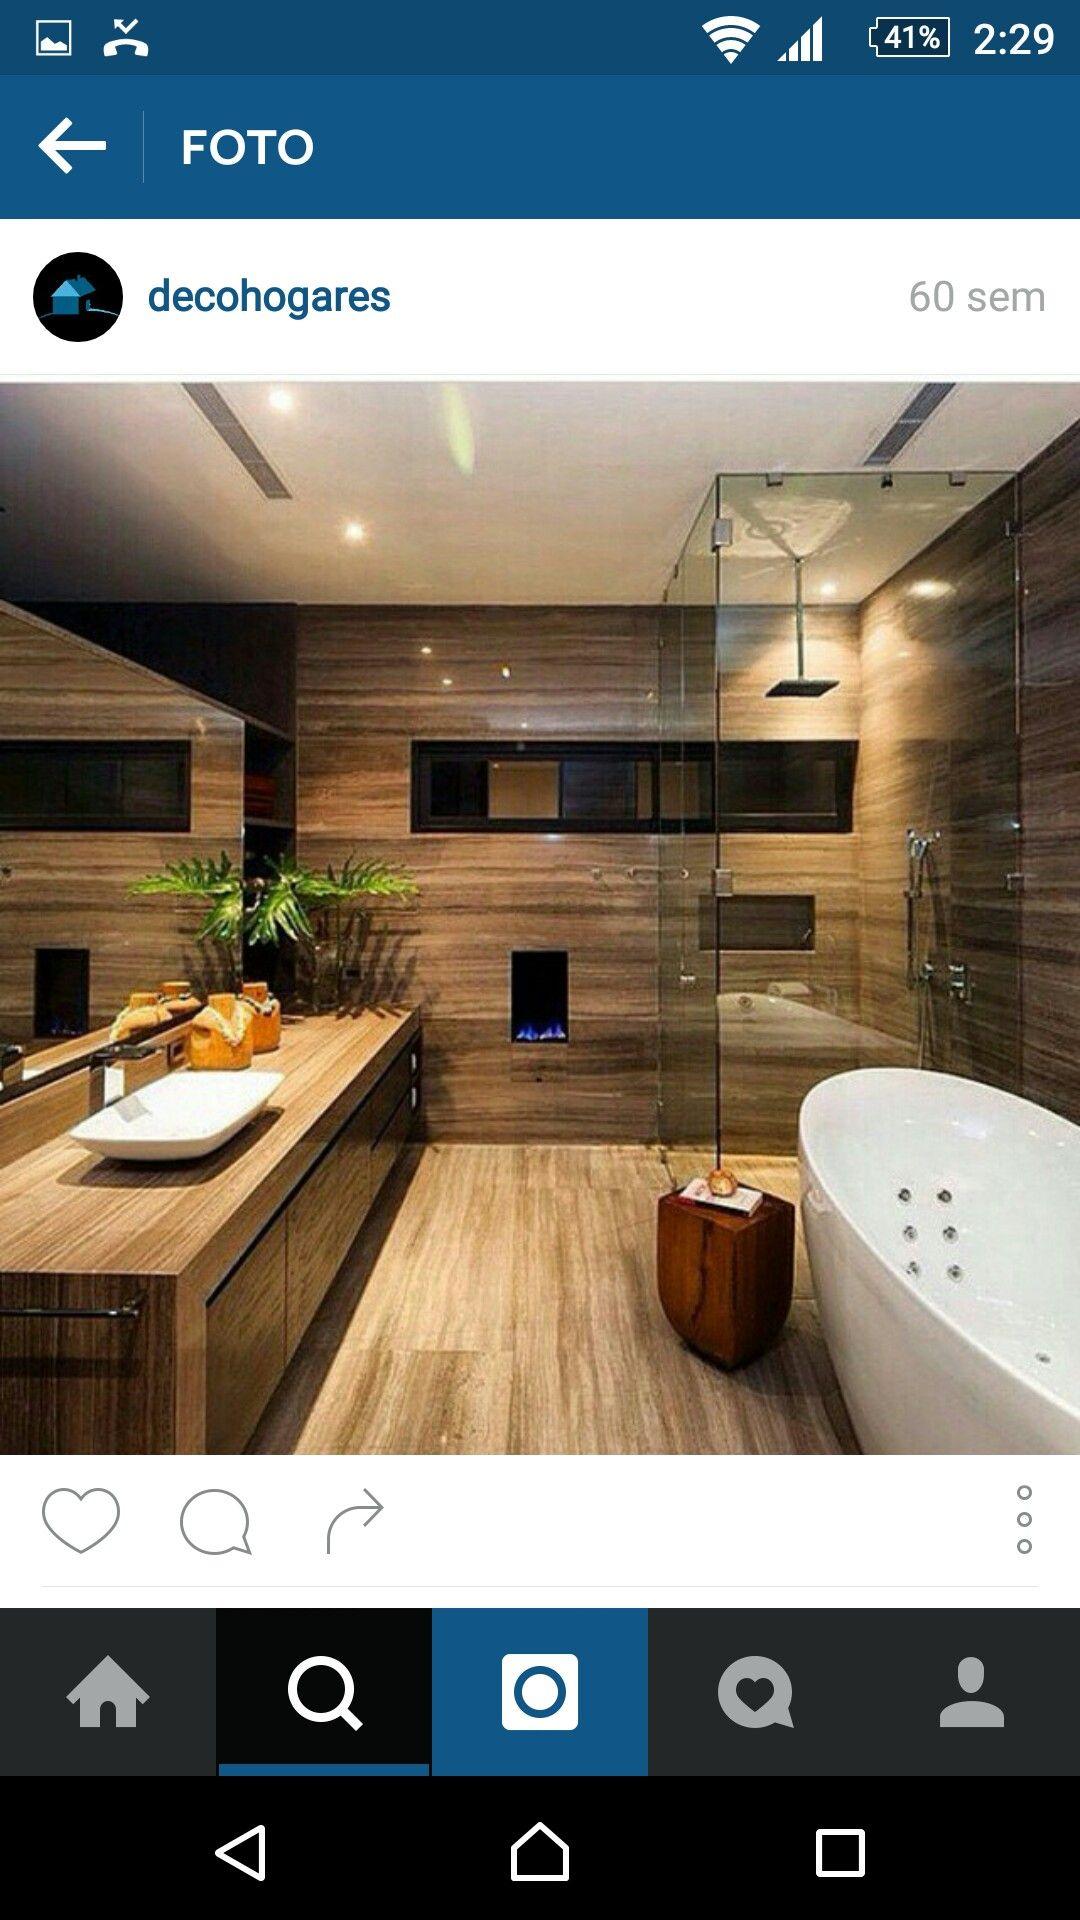 Badewannen, Renovierung, Moderne Häuser, Badezimmer, Einrichtung, Leben,  Wohnen, Traumhafte Badezimmer, Luxus Badezimmer